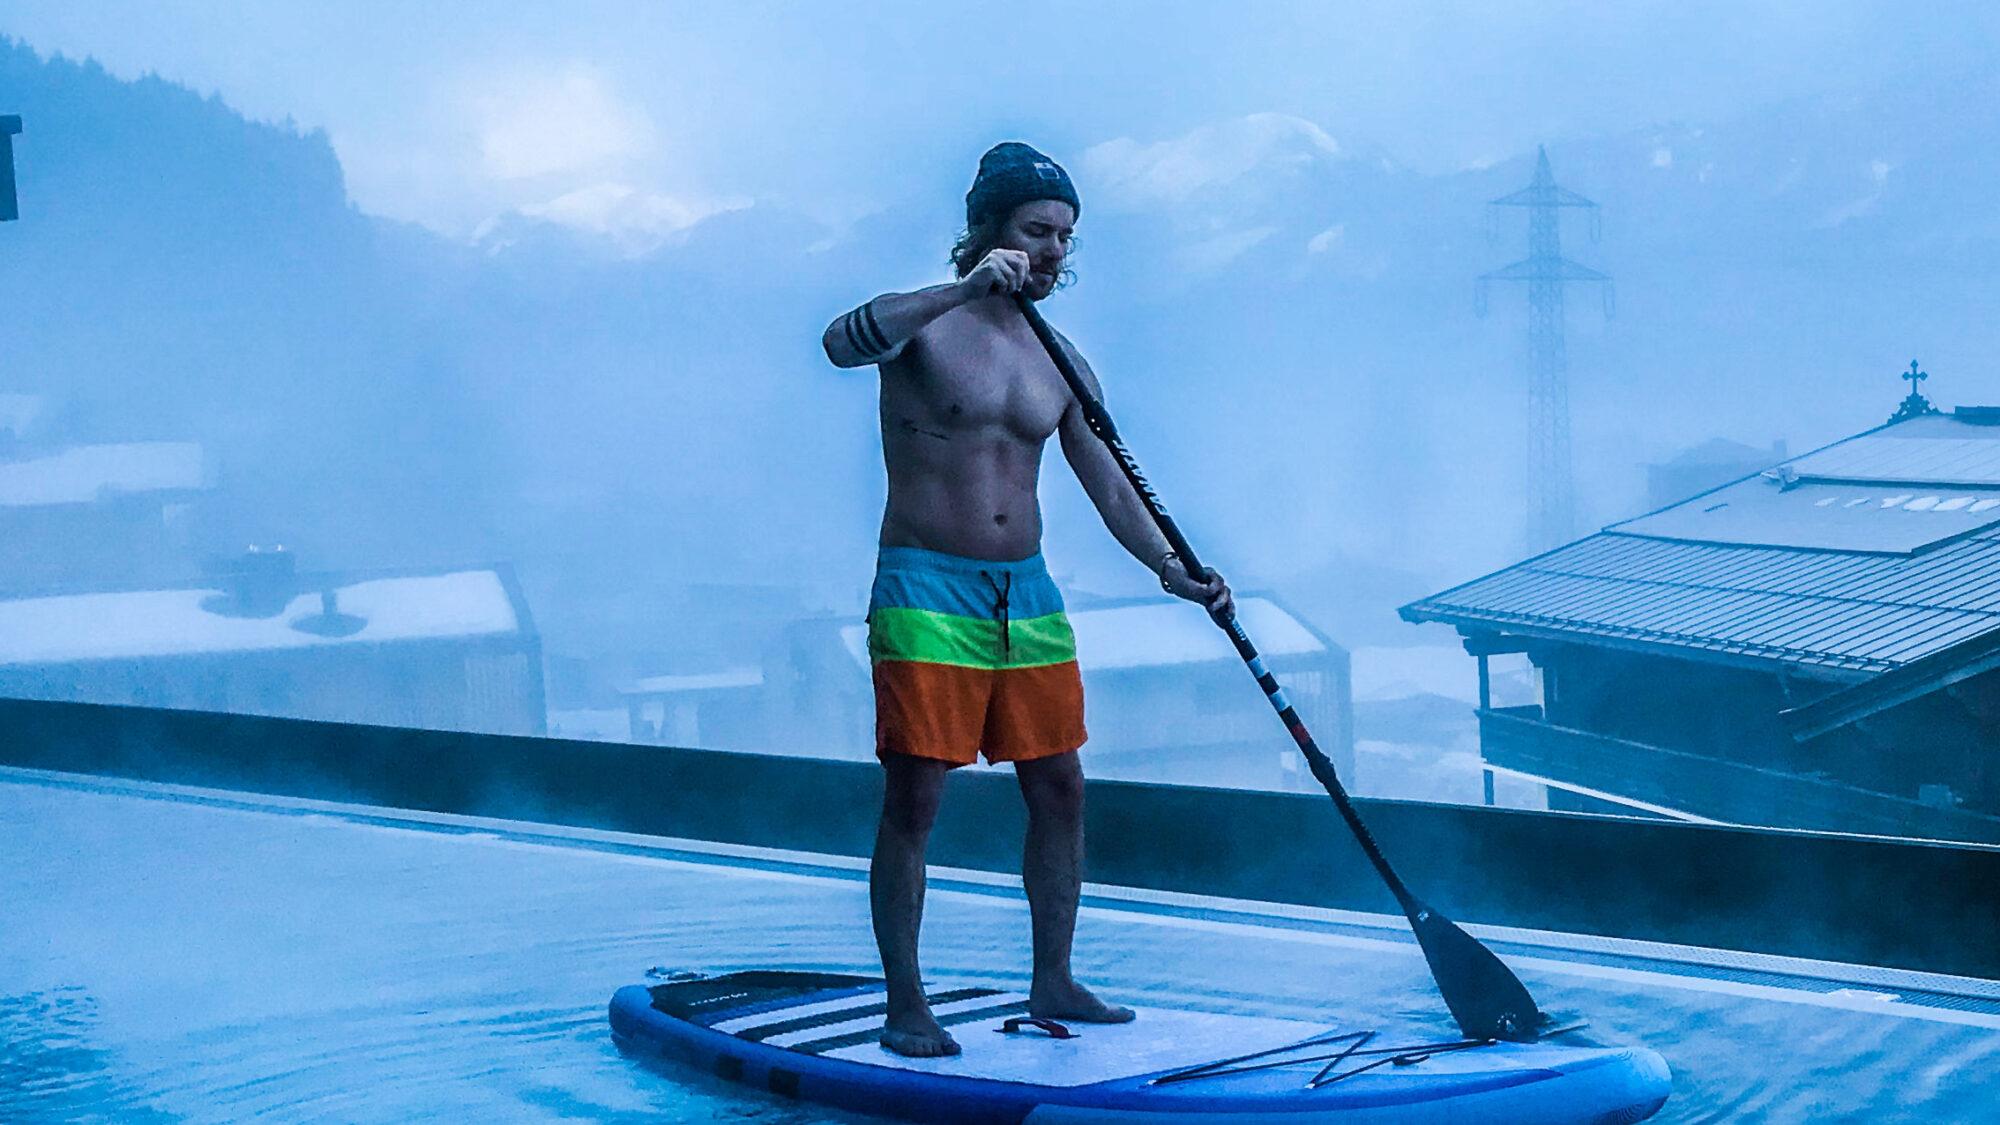 Paddeln aufm Dach: Früh morgens beim Stand Up Paddeln auf dem Infinity Pool eines Hotels in Tirol (Österreich).